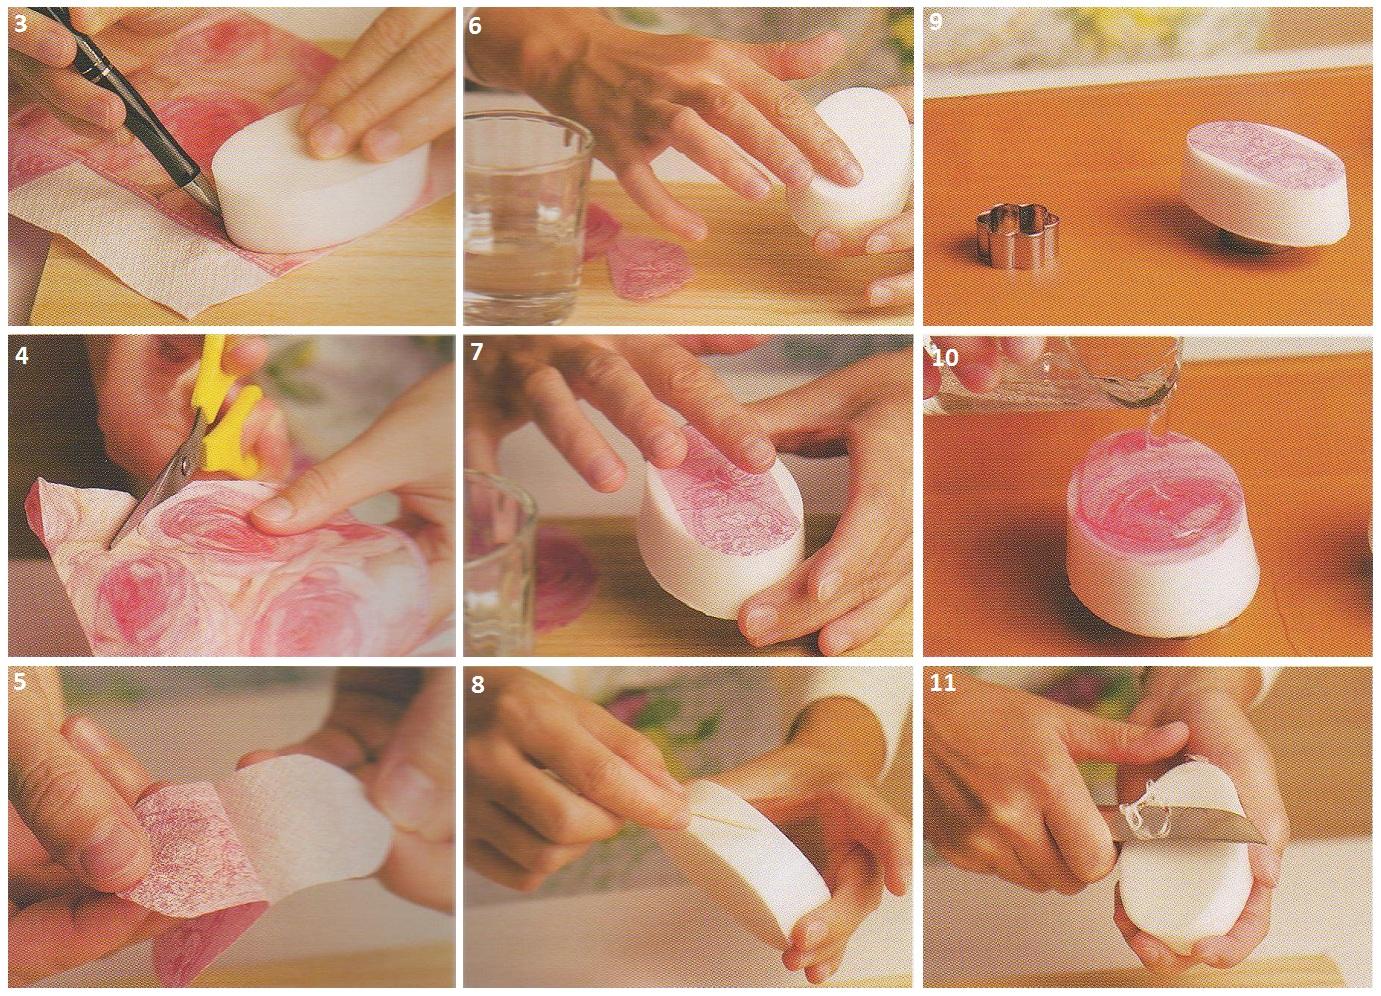 Секреты изготовления мыла - как варить мыло в домашних условиях